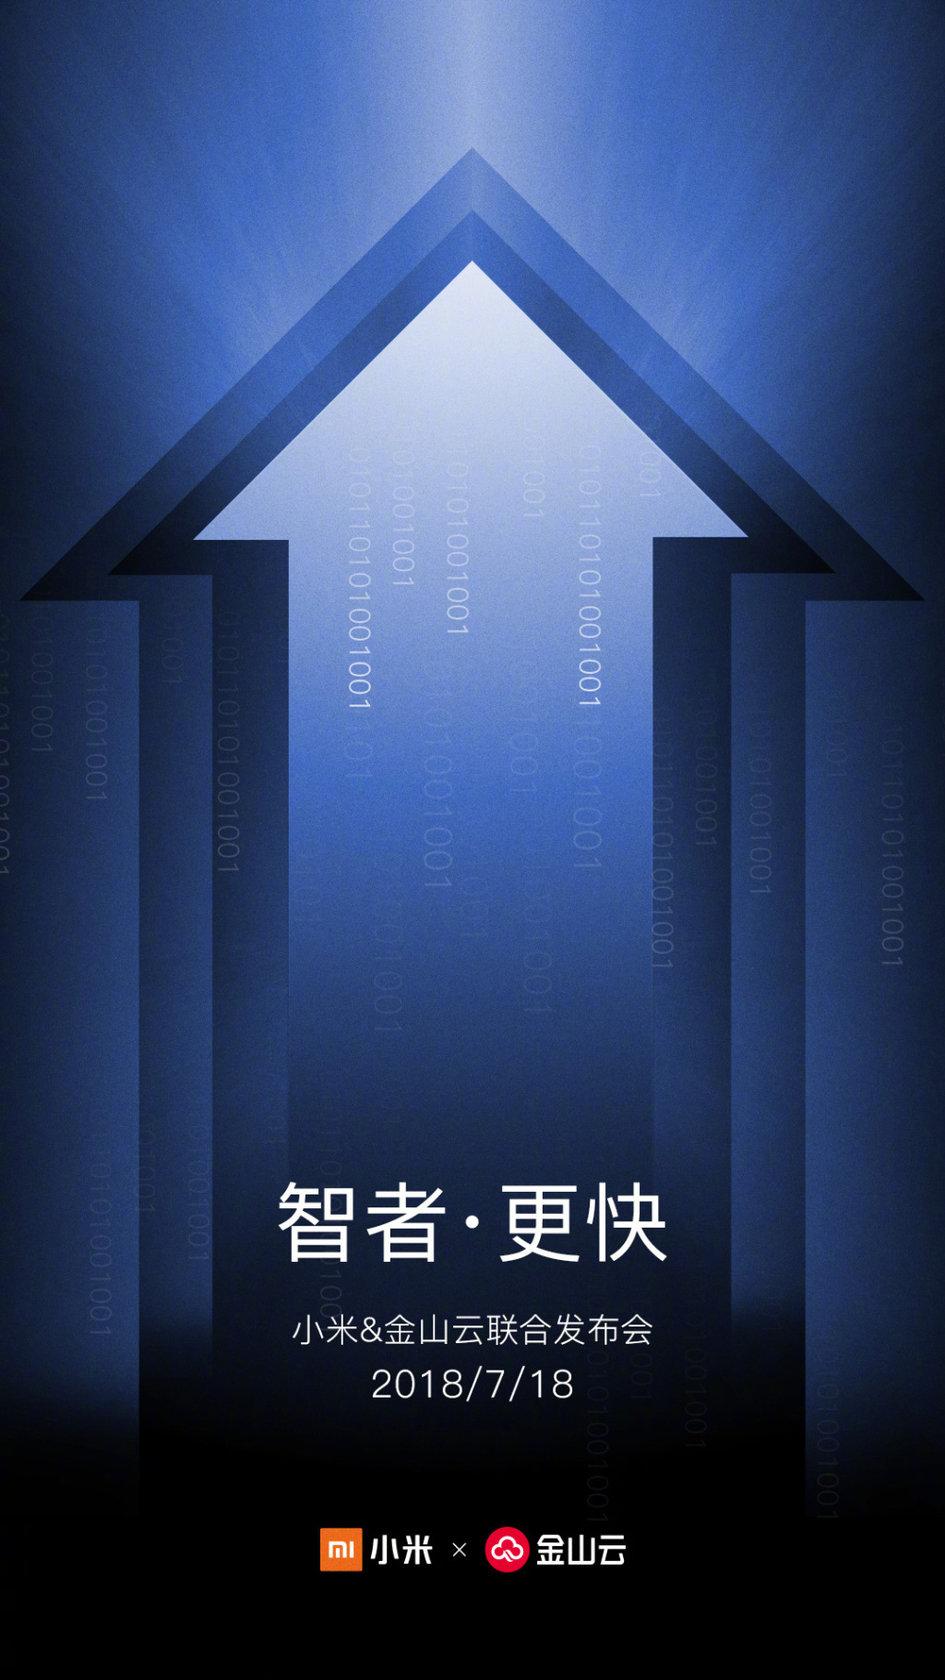 Xiaomi cùng với Jinshan Cloud sẽ giới thiệu một bộ định tuyến mới vào ngày mai